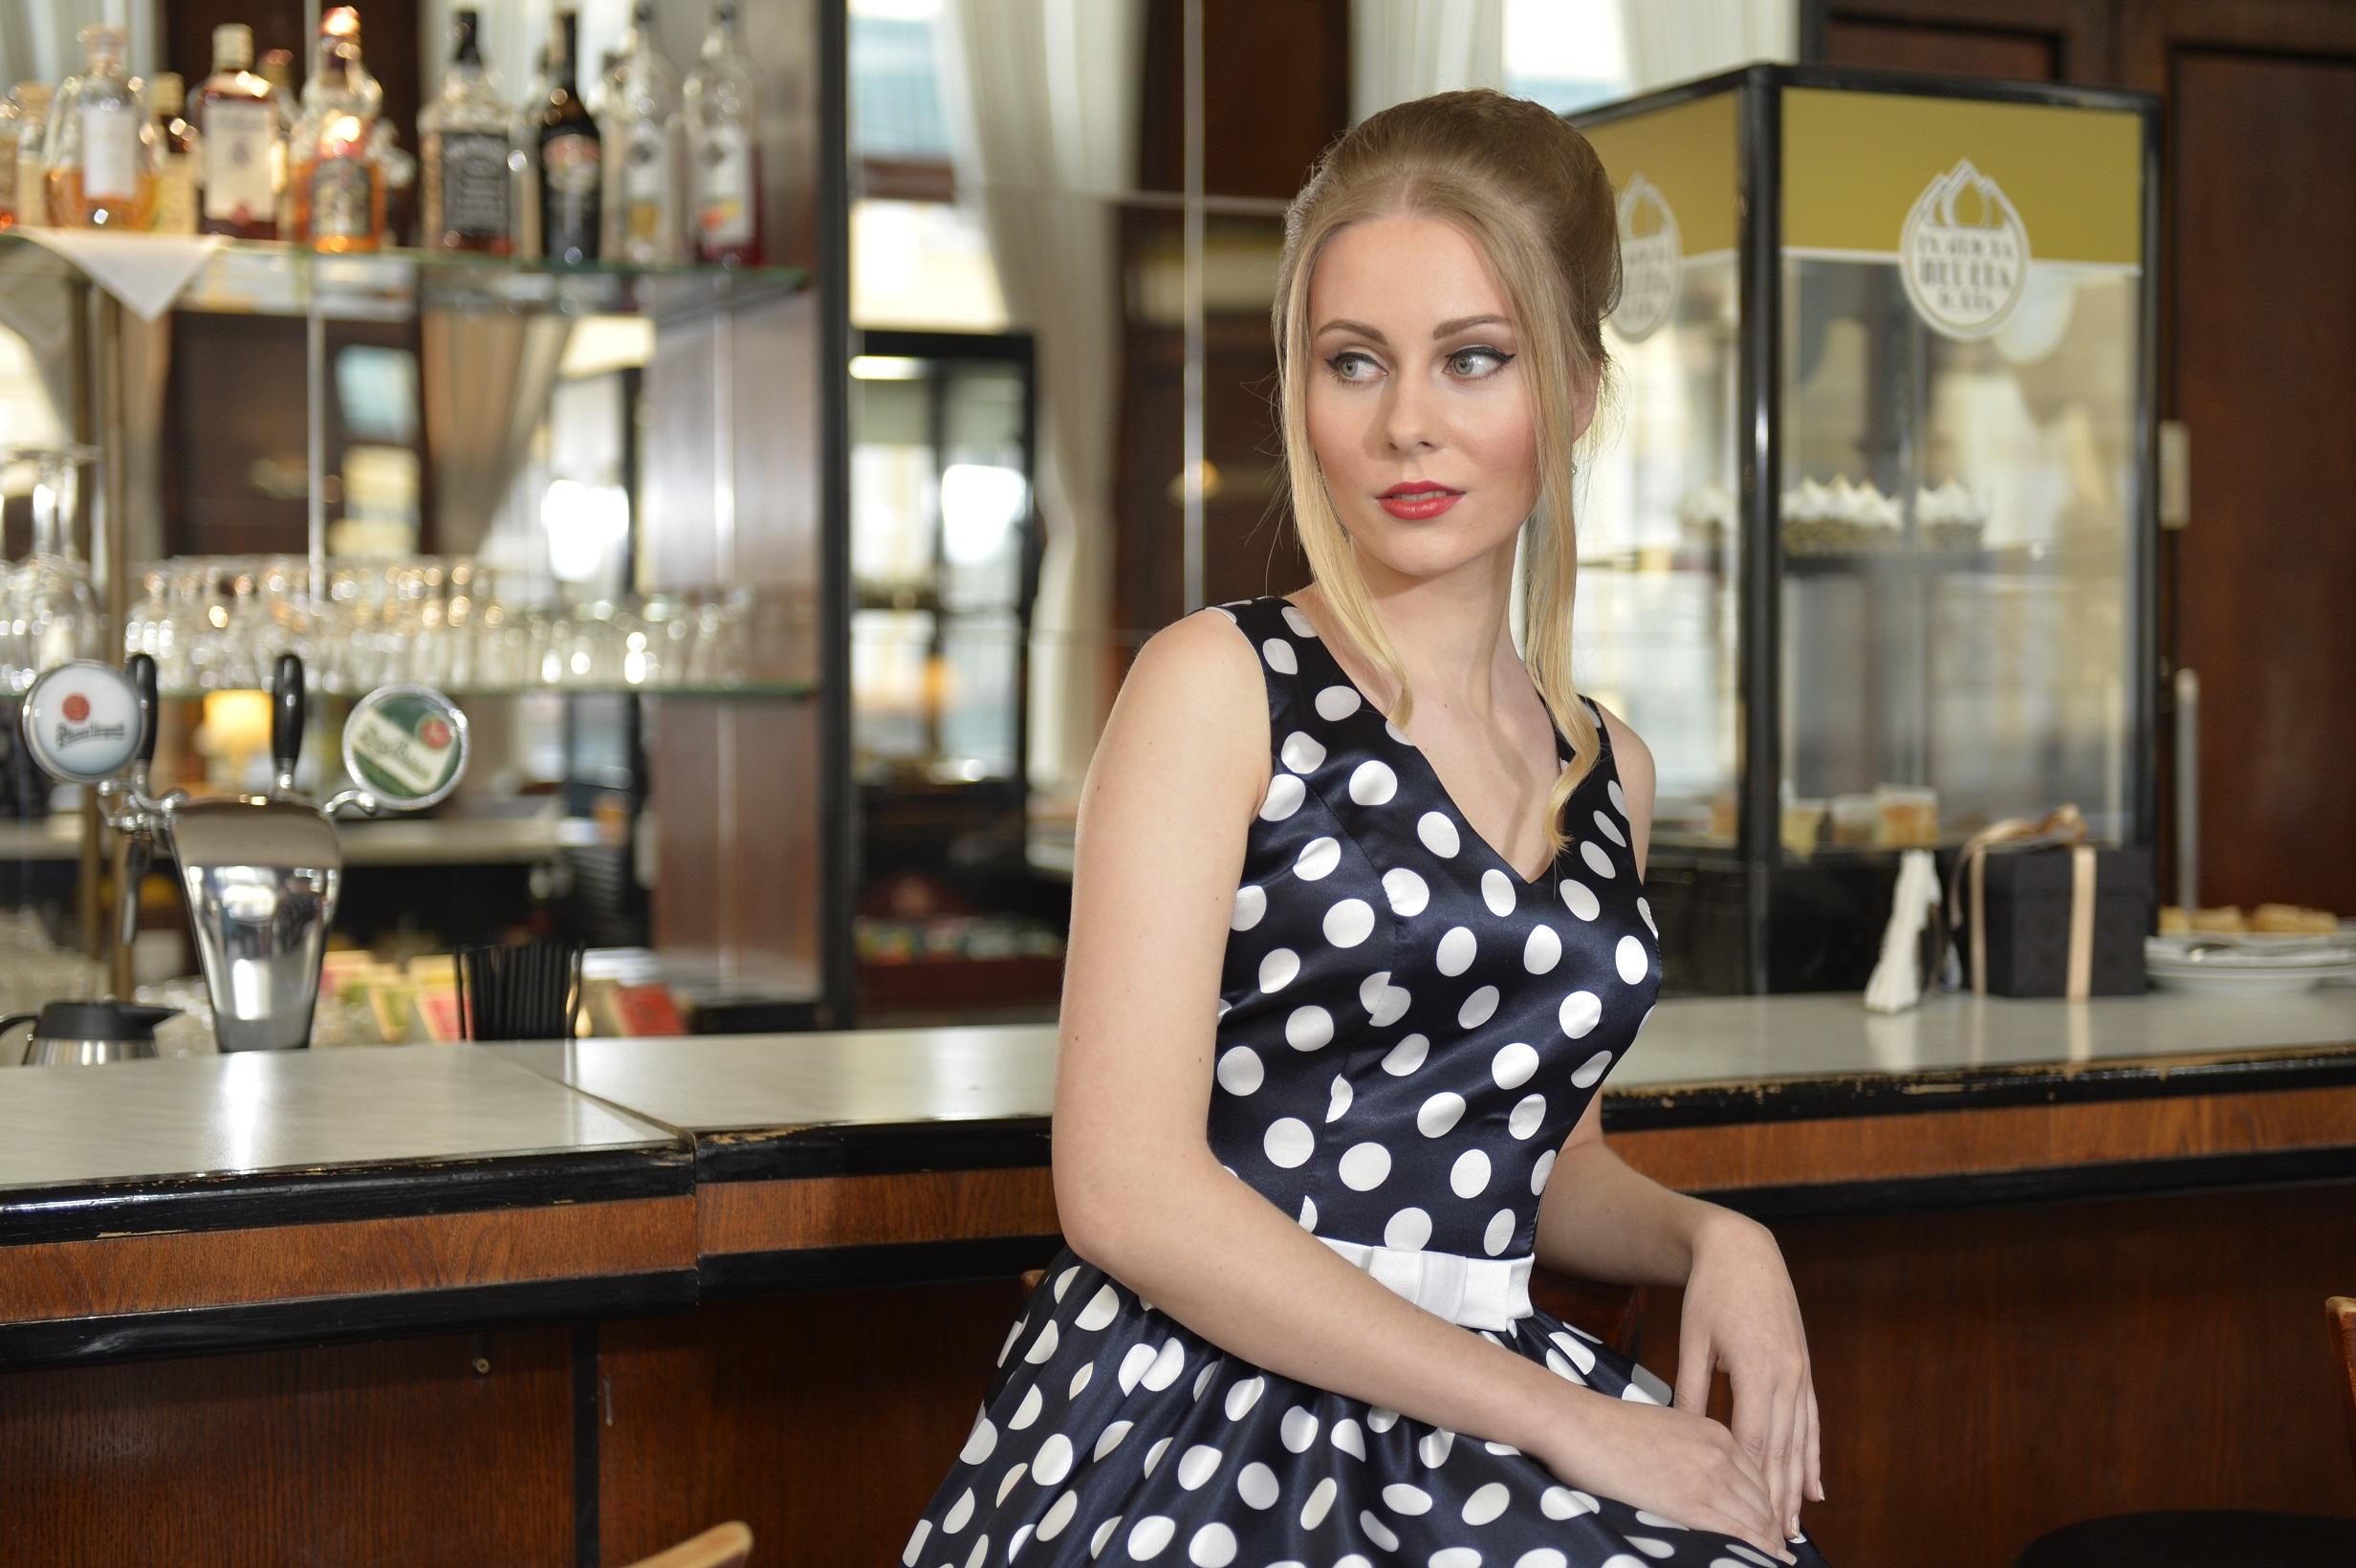 fotopremena Marika Kaducakova 11